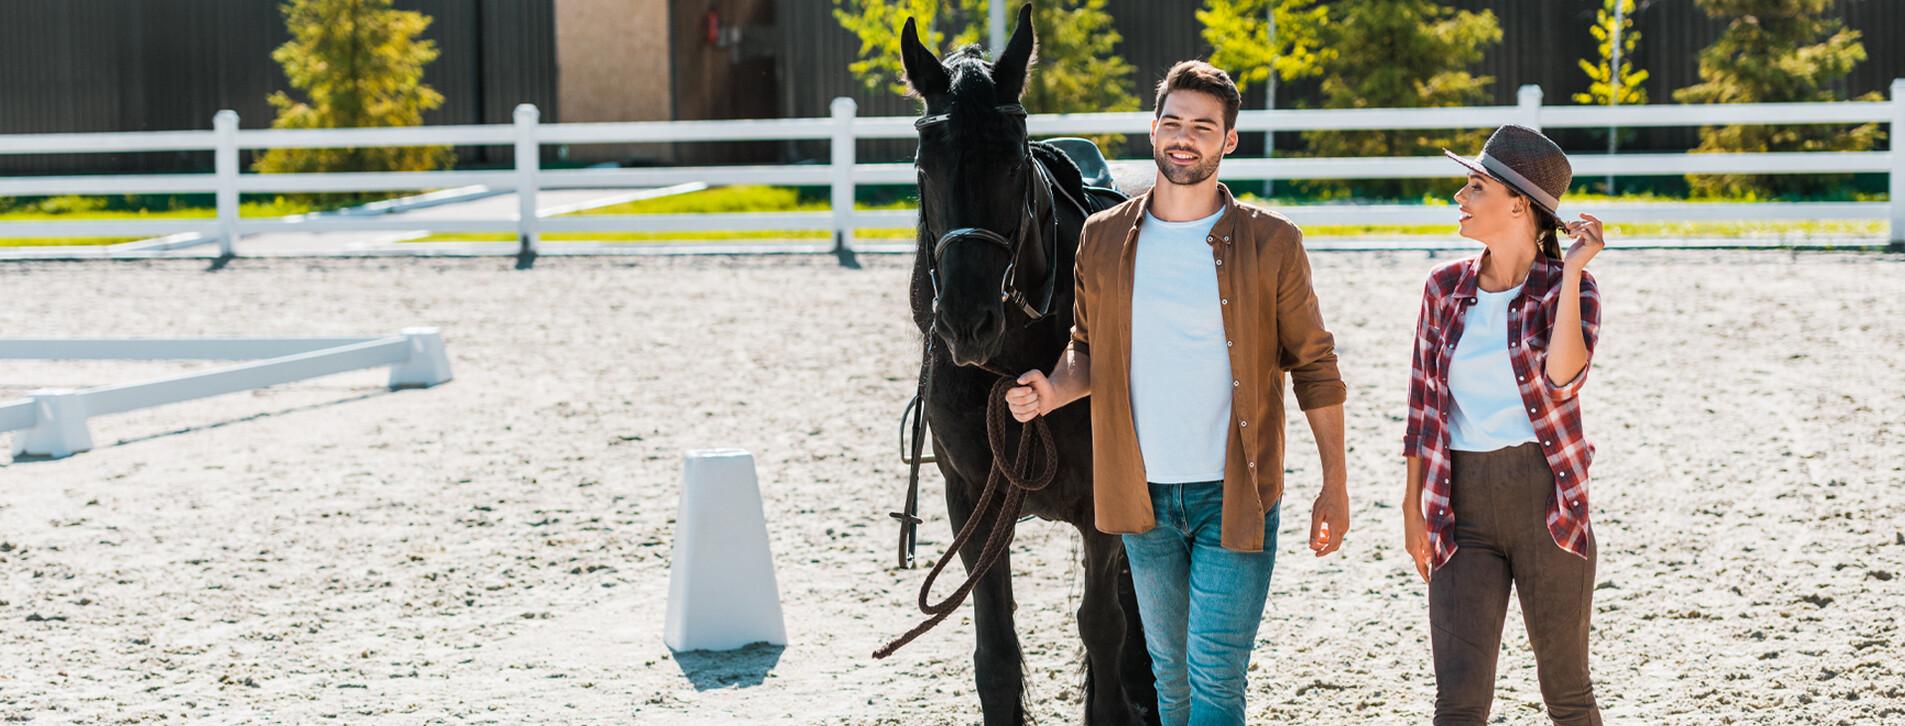 Фото 1 - Уикенд в загородном конном клубе для двоих